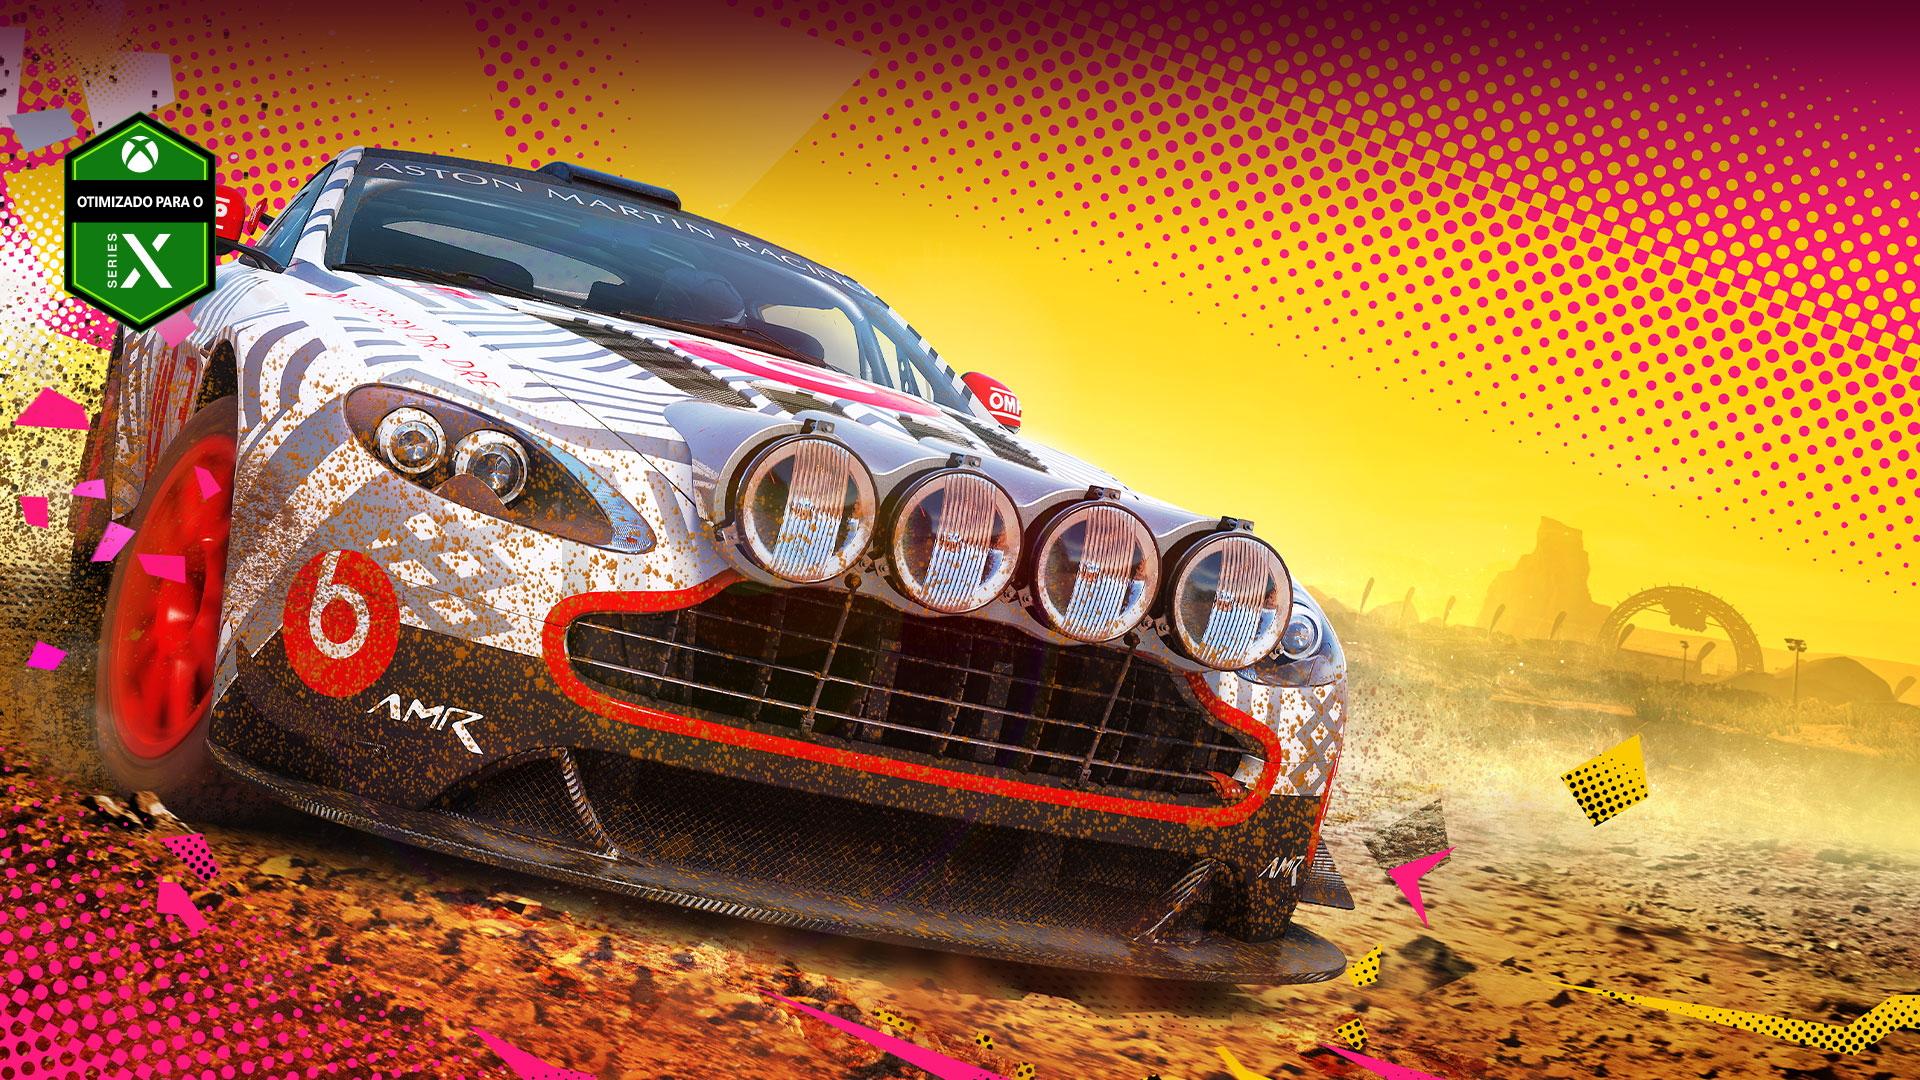 Logotipo de otimizado para o Series X, carro na lama com fundo amarelo e rosa